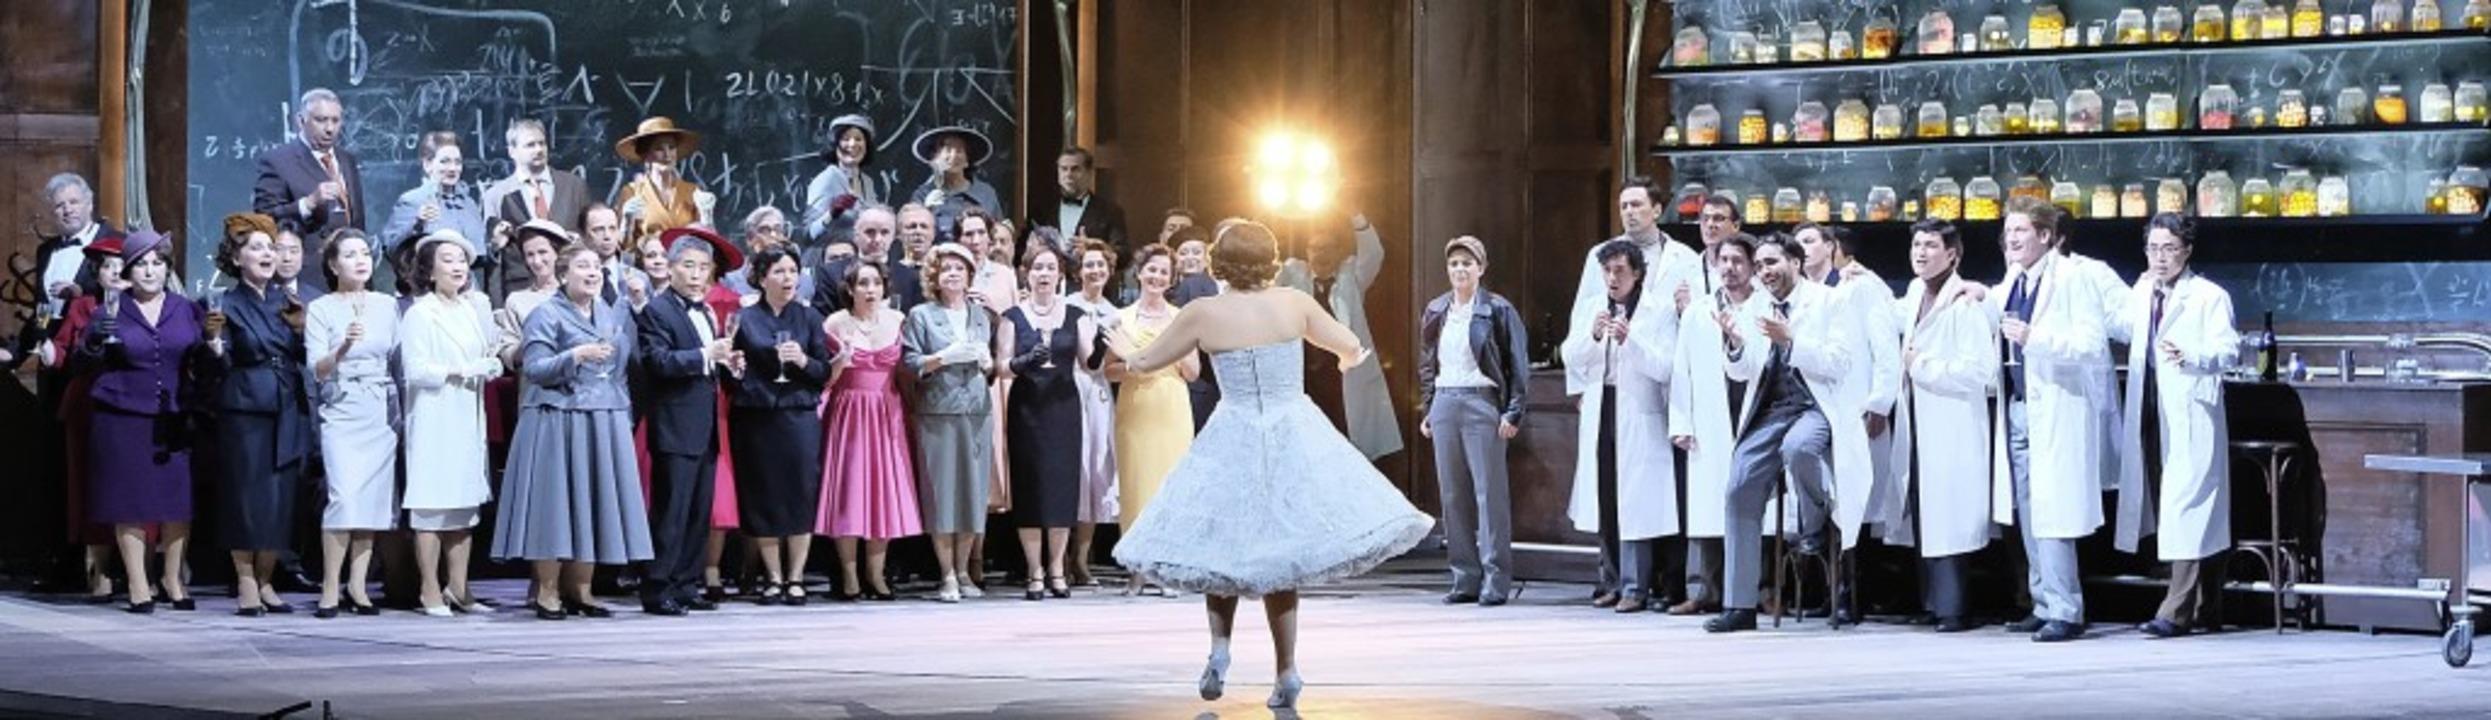 Hier wird aus dem Bistro ein wissensch...tt: Ensembleszene aus dem Olympia-Akt   | Foto: falk von traubenberg